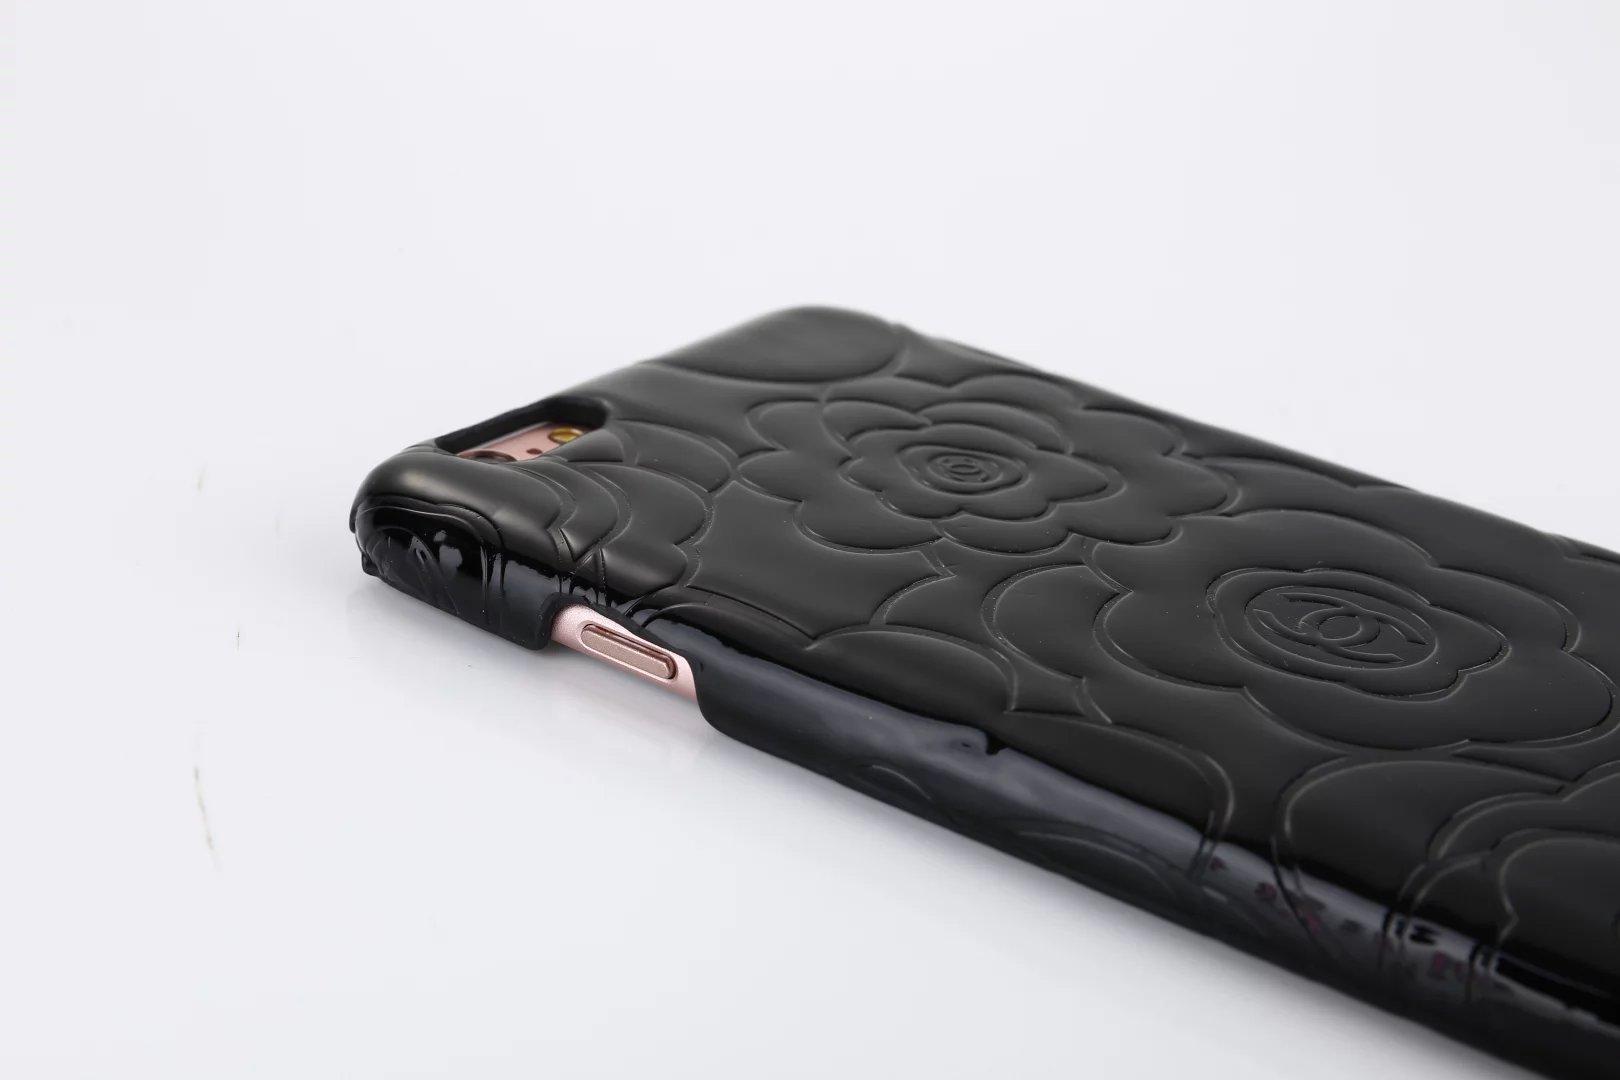 iphone filzhülle schöne iphone hüllen Chanel iphone 8 Plus hüllen hülle iphone 8 Plus elbst gestalten ausgefallene iphone hüllen iphone 8 Plus hülle durchsichtig iphone hülle mit foto handyhüllen s3 iphone 8 Plus ca8 Plus 8 Pluslber gestalten